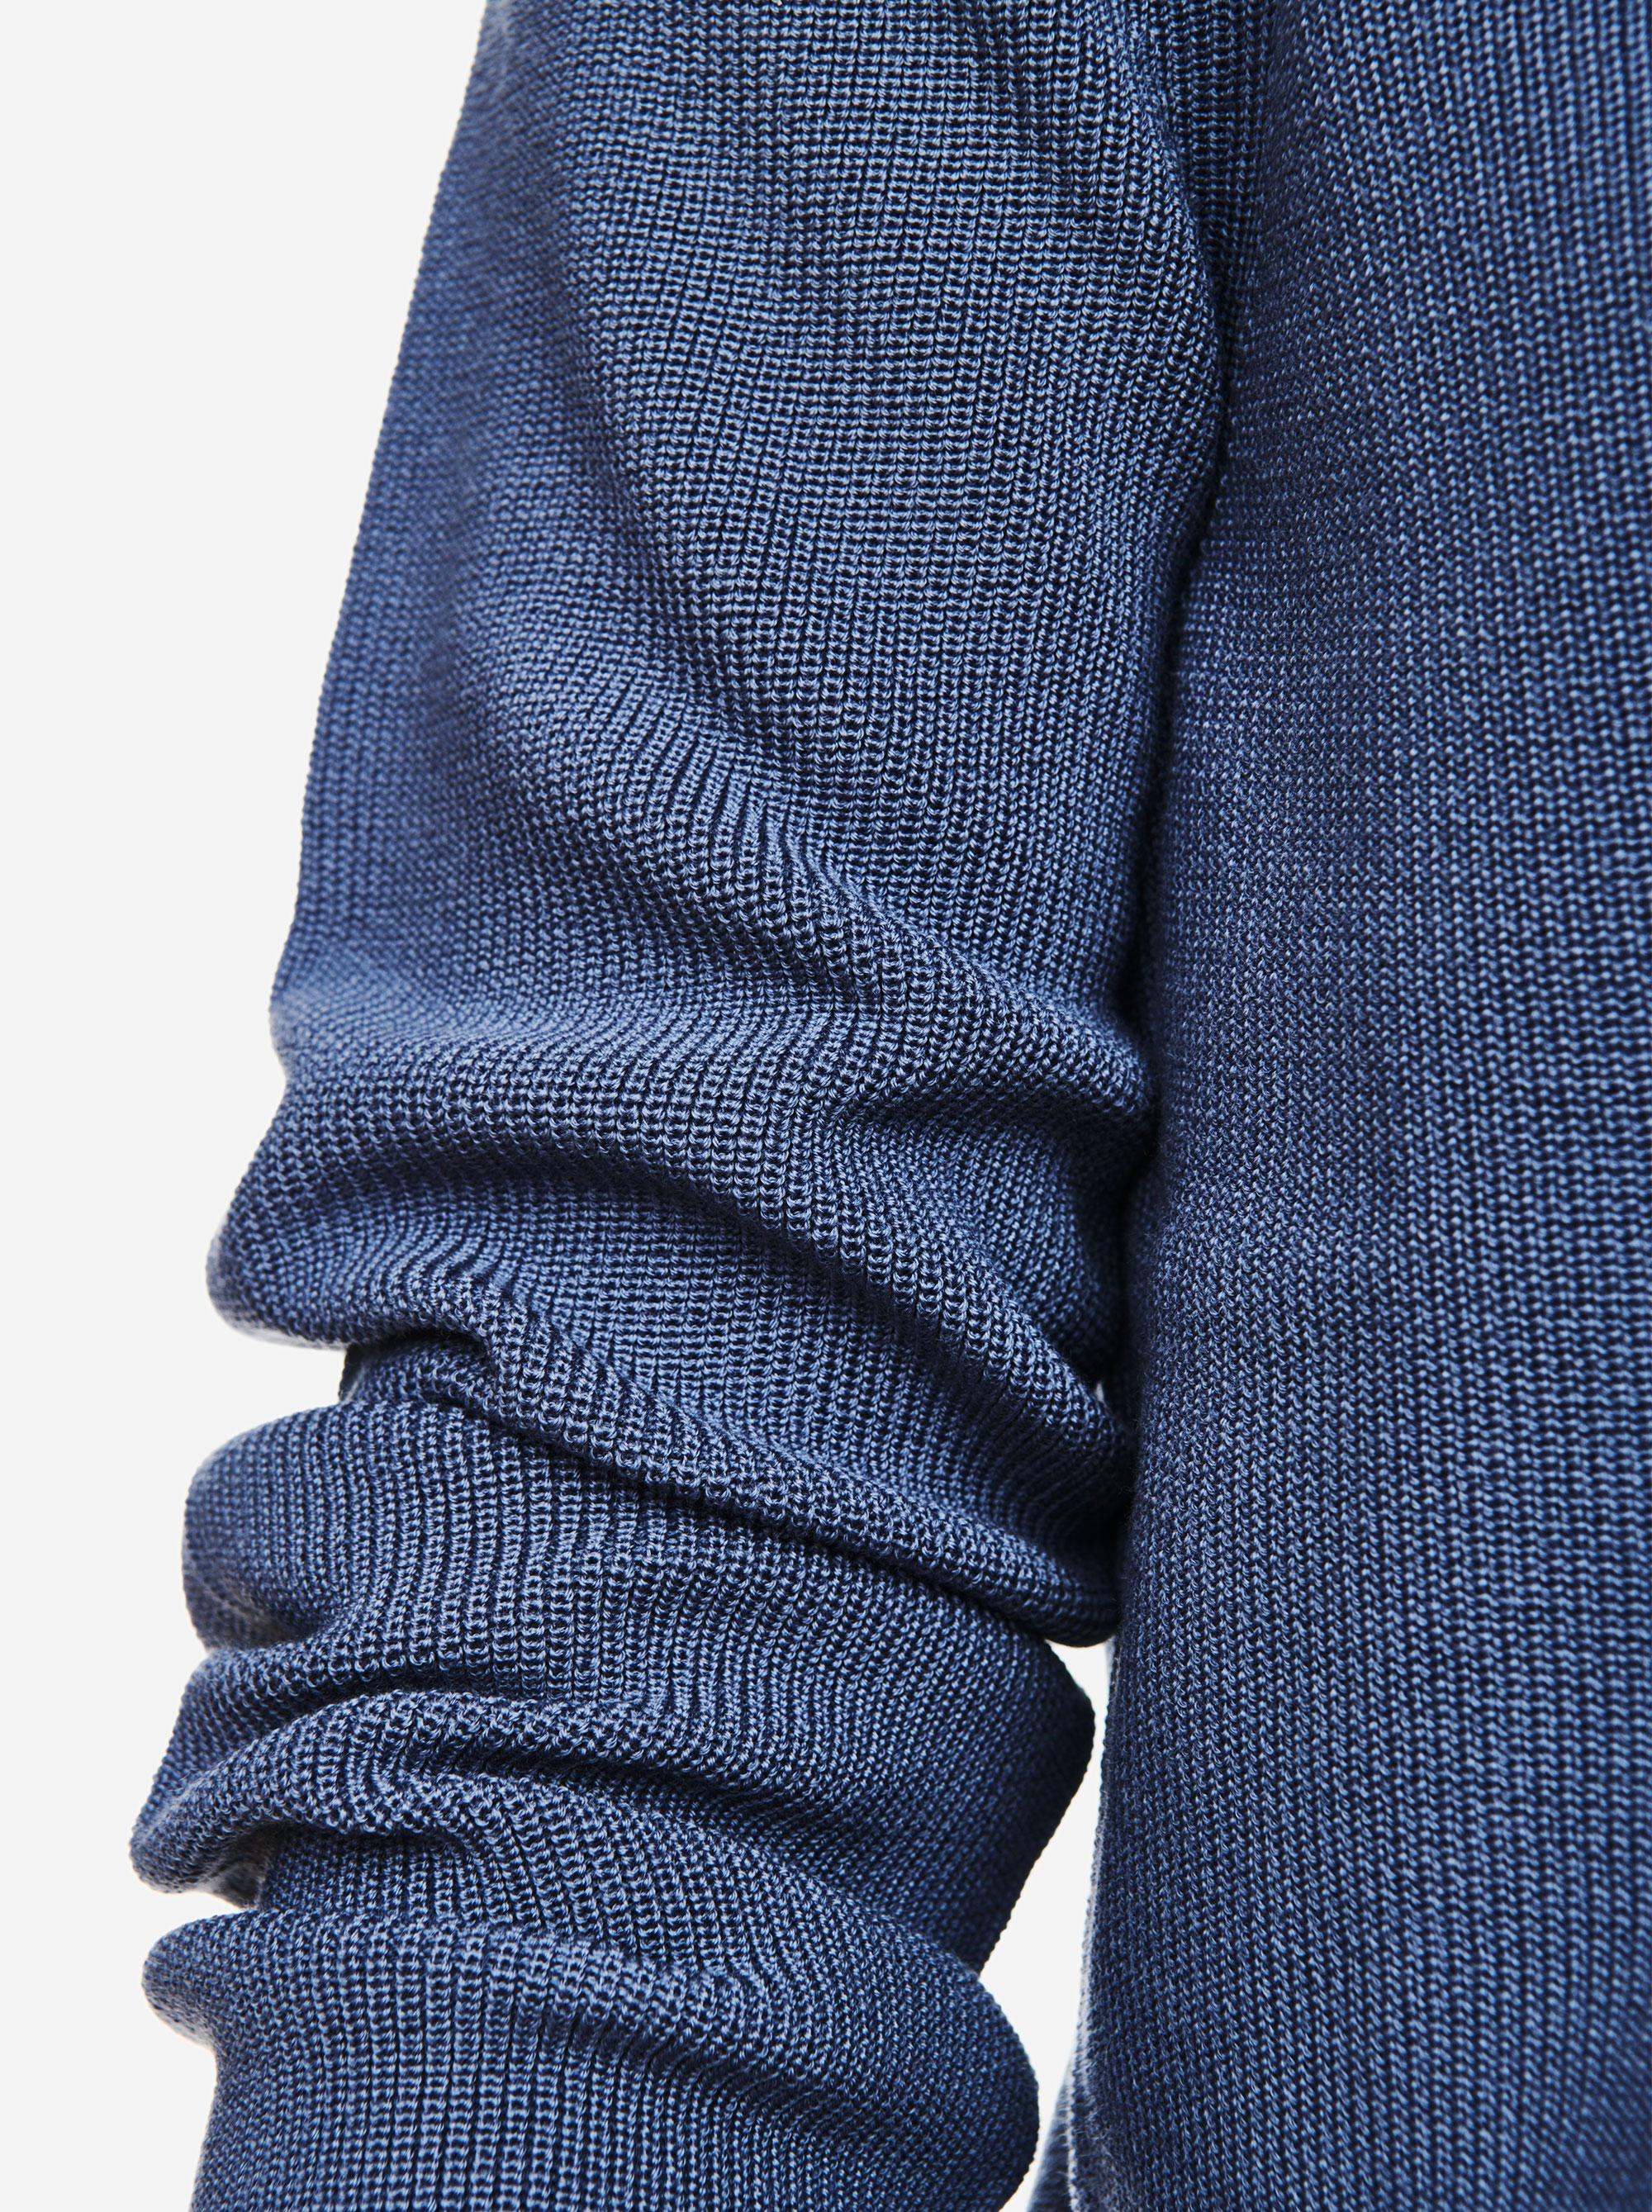 Teym - V-Neck - The Merino Sweater - Men - Sky blue - 2